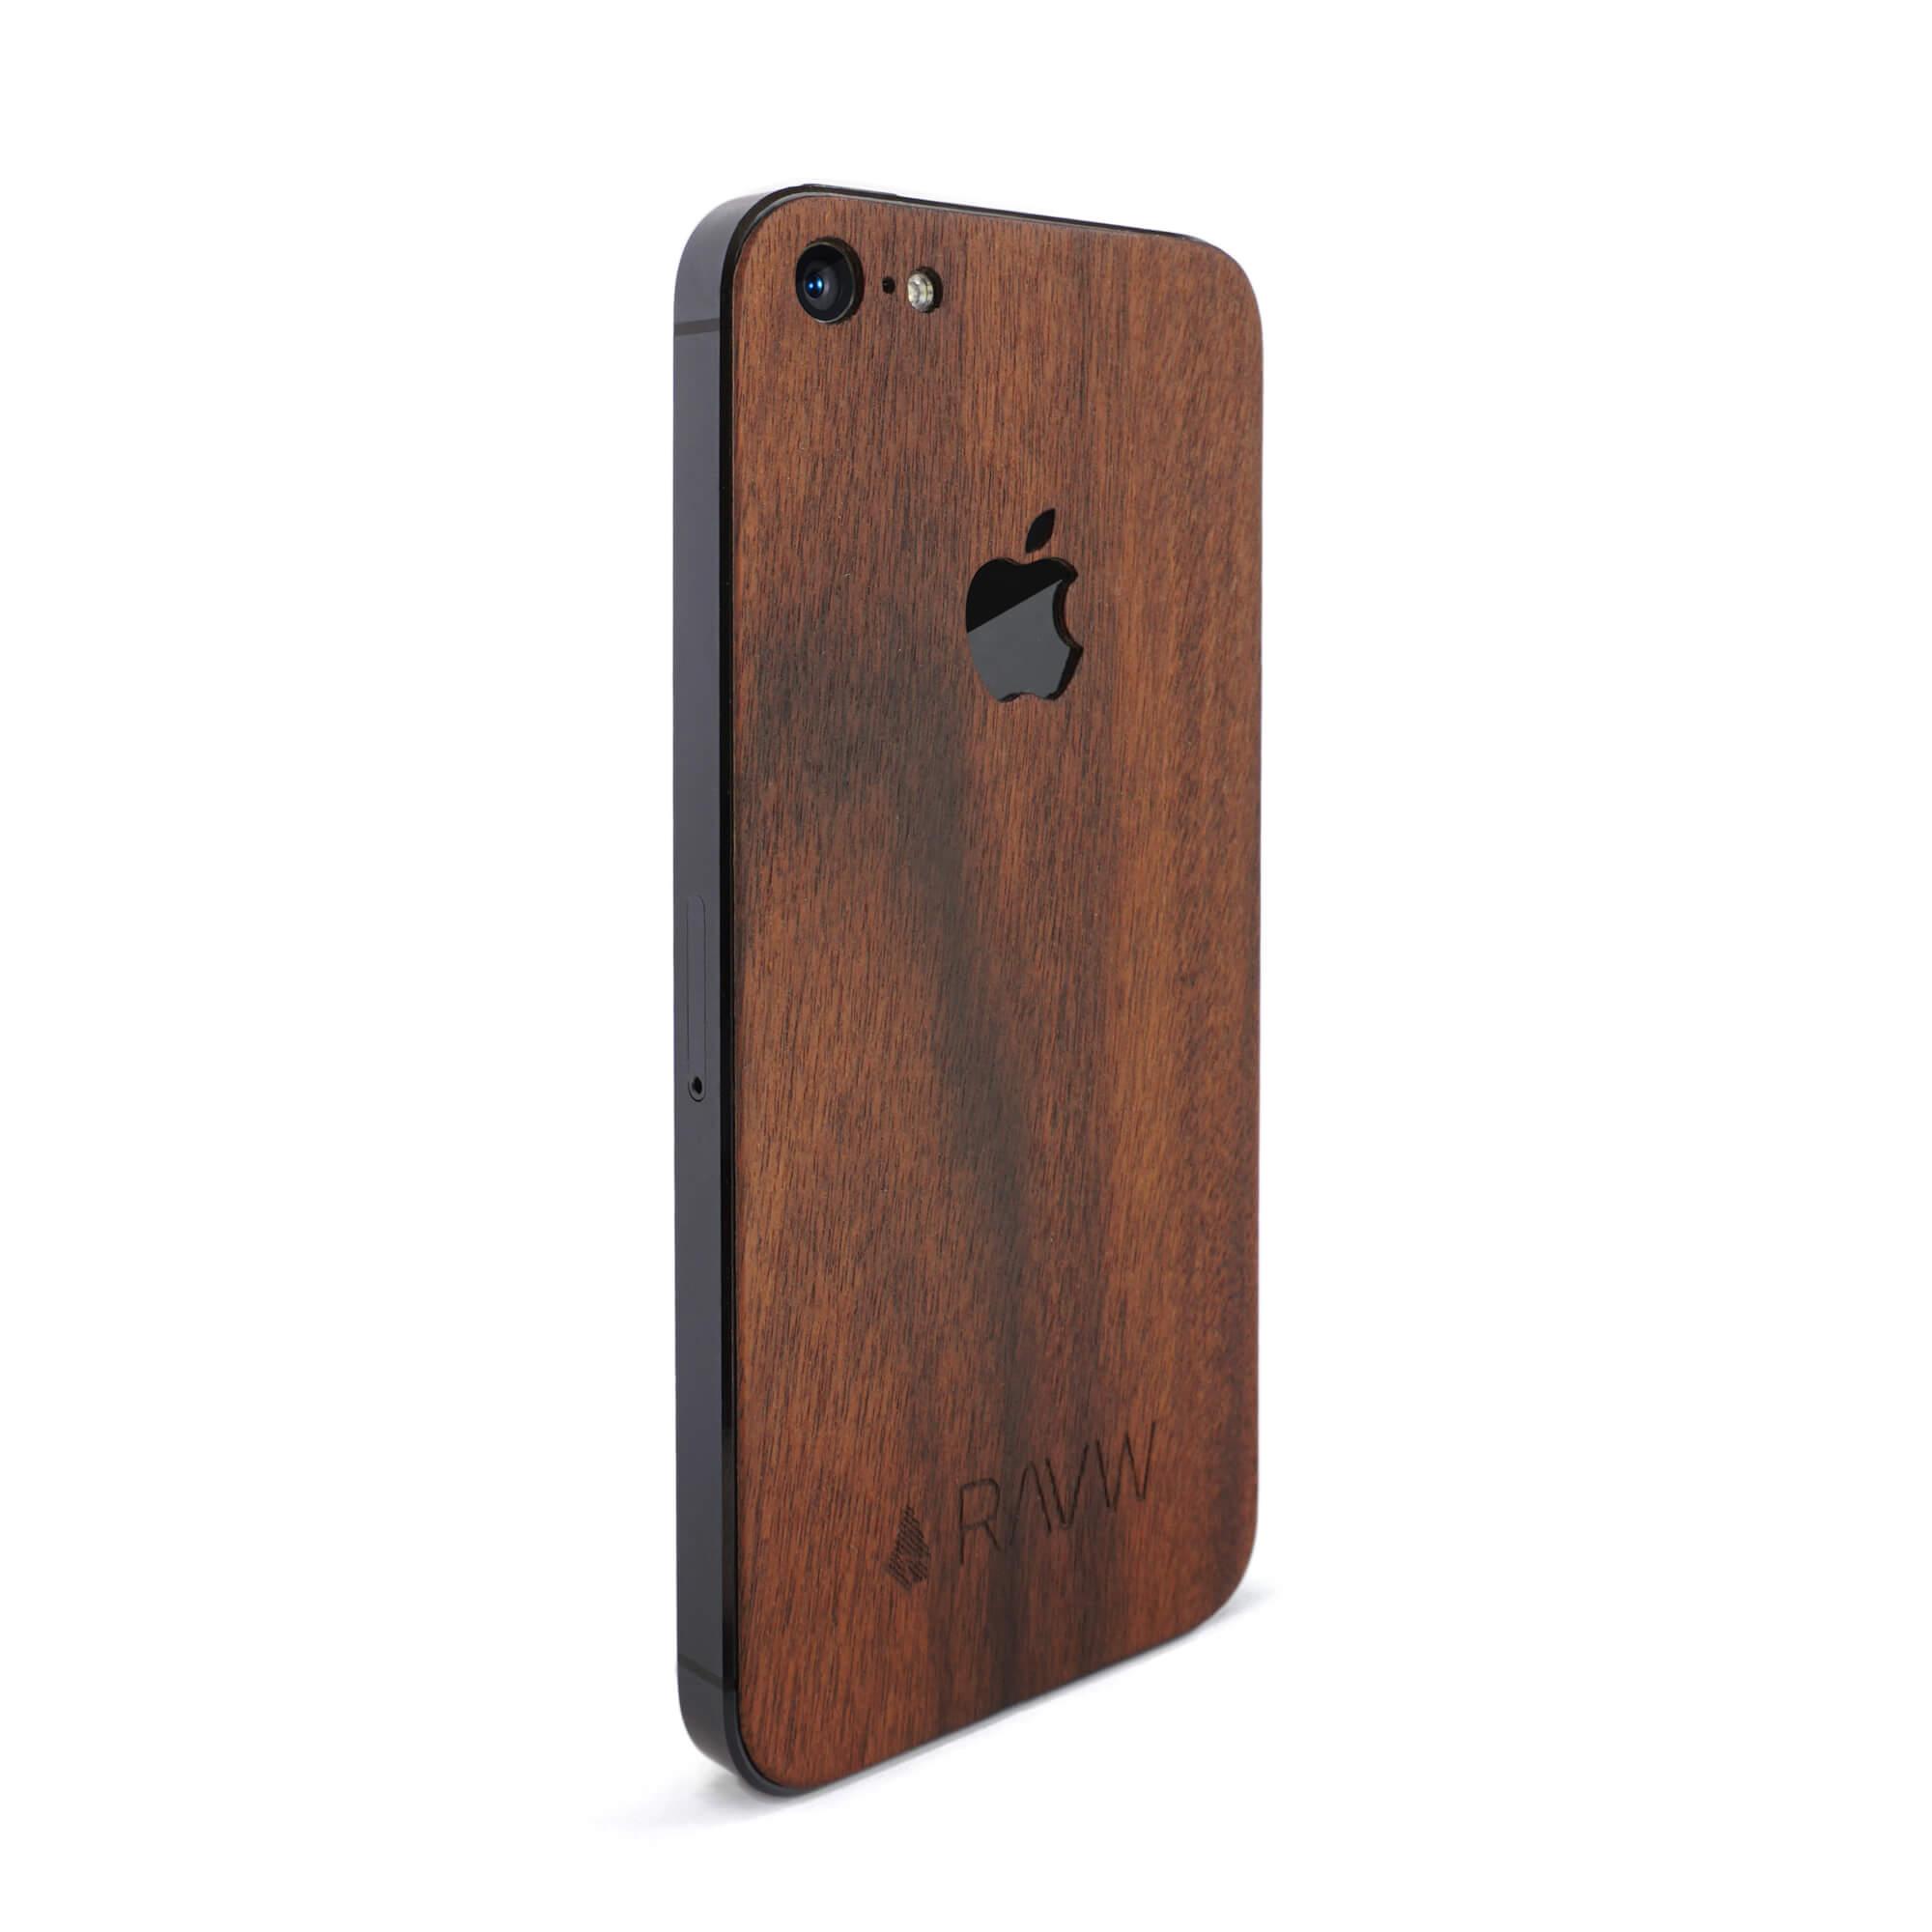 iphone hoesje voor en achterkant